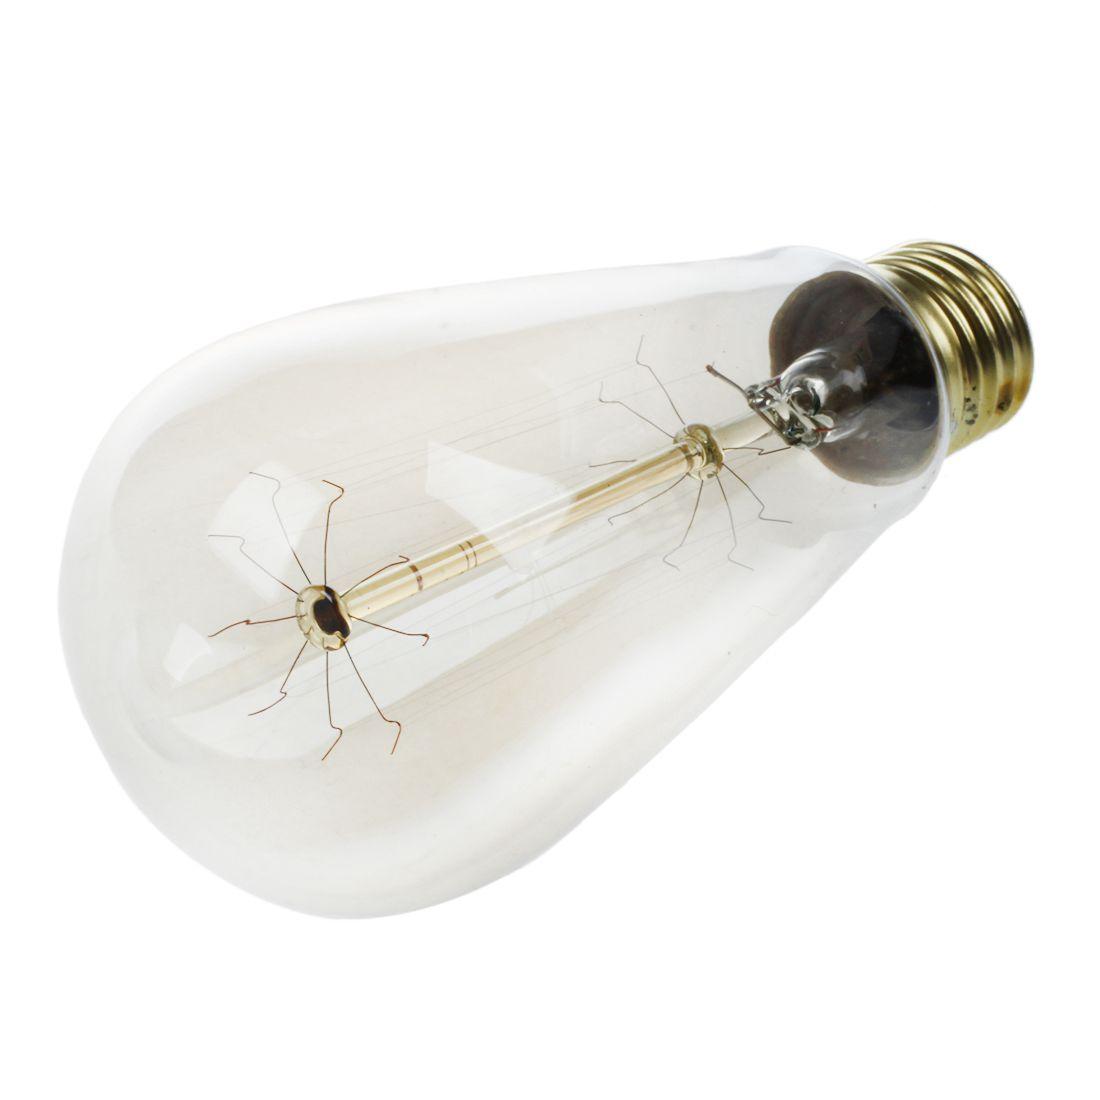 E27 40w Vintage Retro Filament Edison Tungsten Light Bulb: E27 40W Vintage Retro Filament Tungsten Light Bulb T64